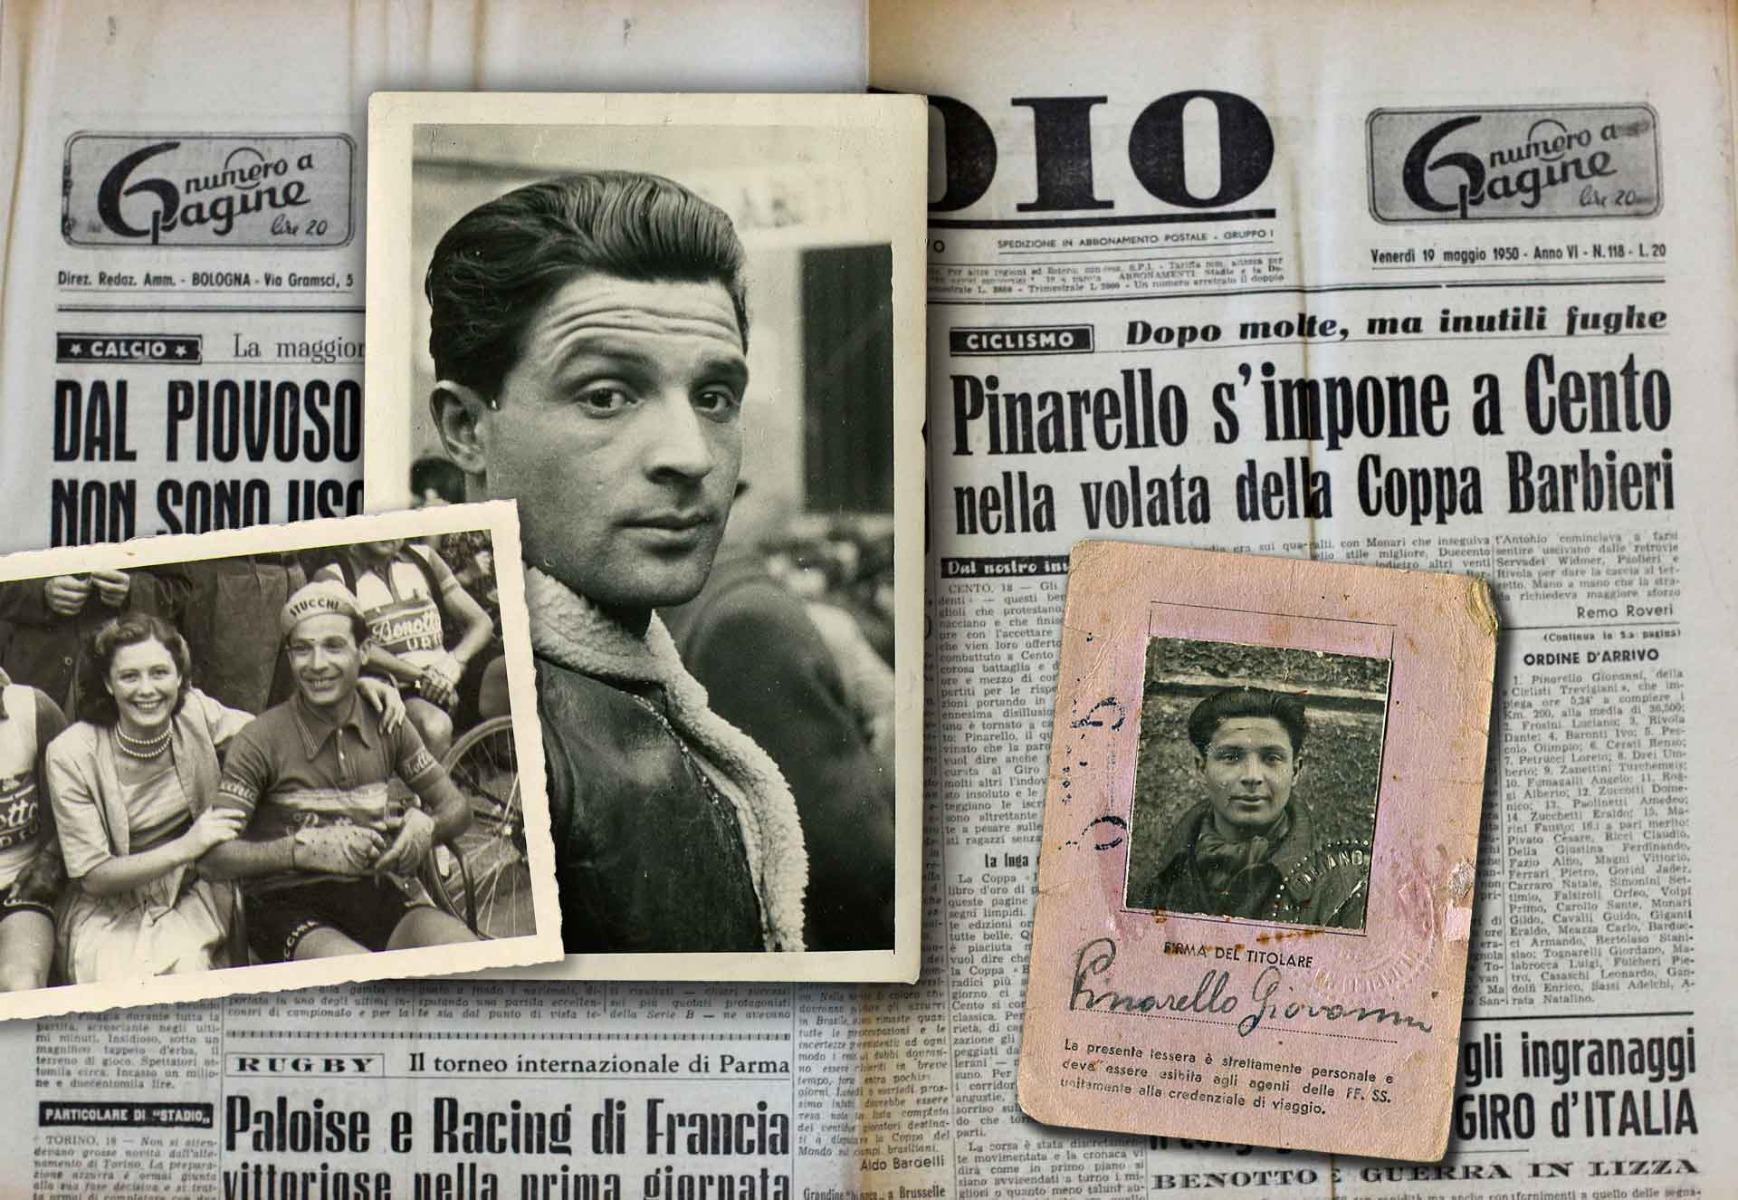 Giovanni Pinarello